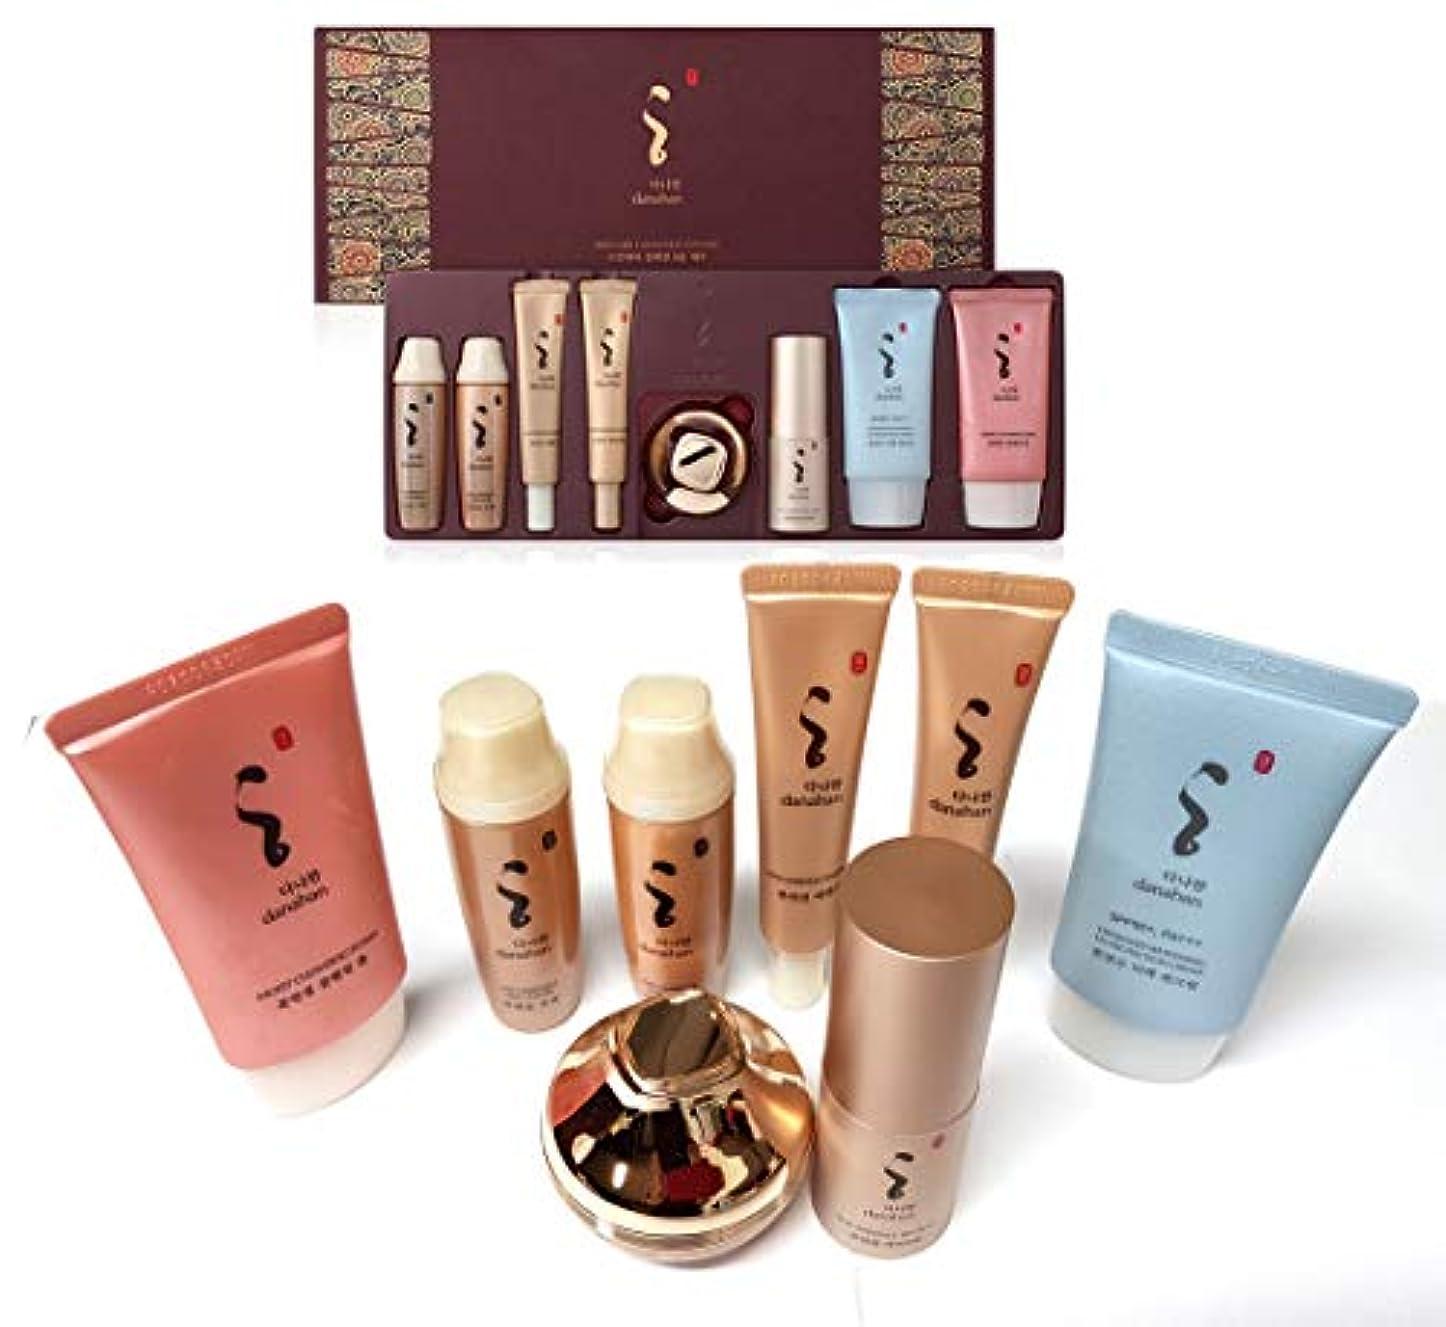 許容ポット国民投票[DANAHAN] スキンケアコレクションギフト8本セット/ Skin Care Collection gift 8pcs set/モイスチャー、ハーバルフルイド/Moisture, herbal fluidn/韓国化粧品...